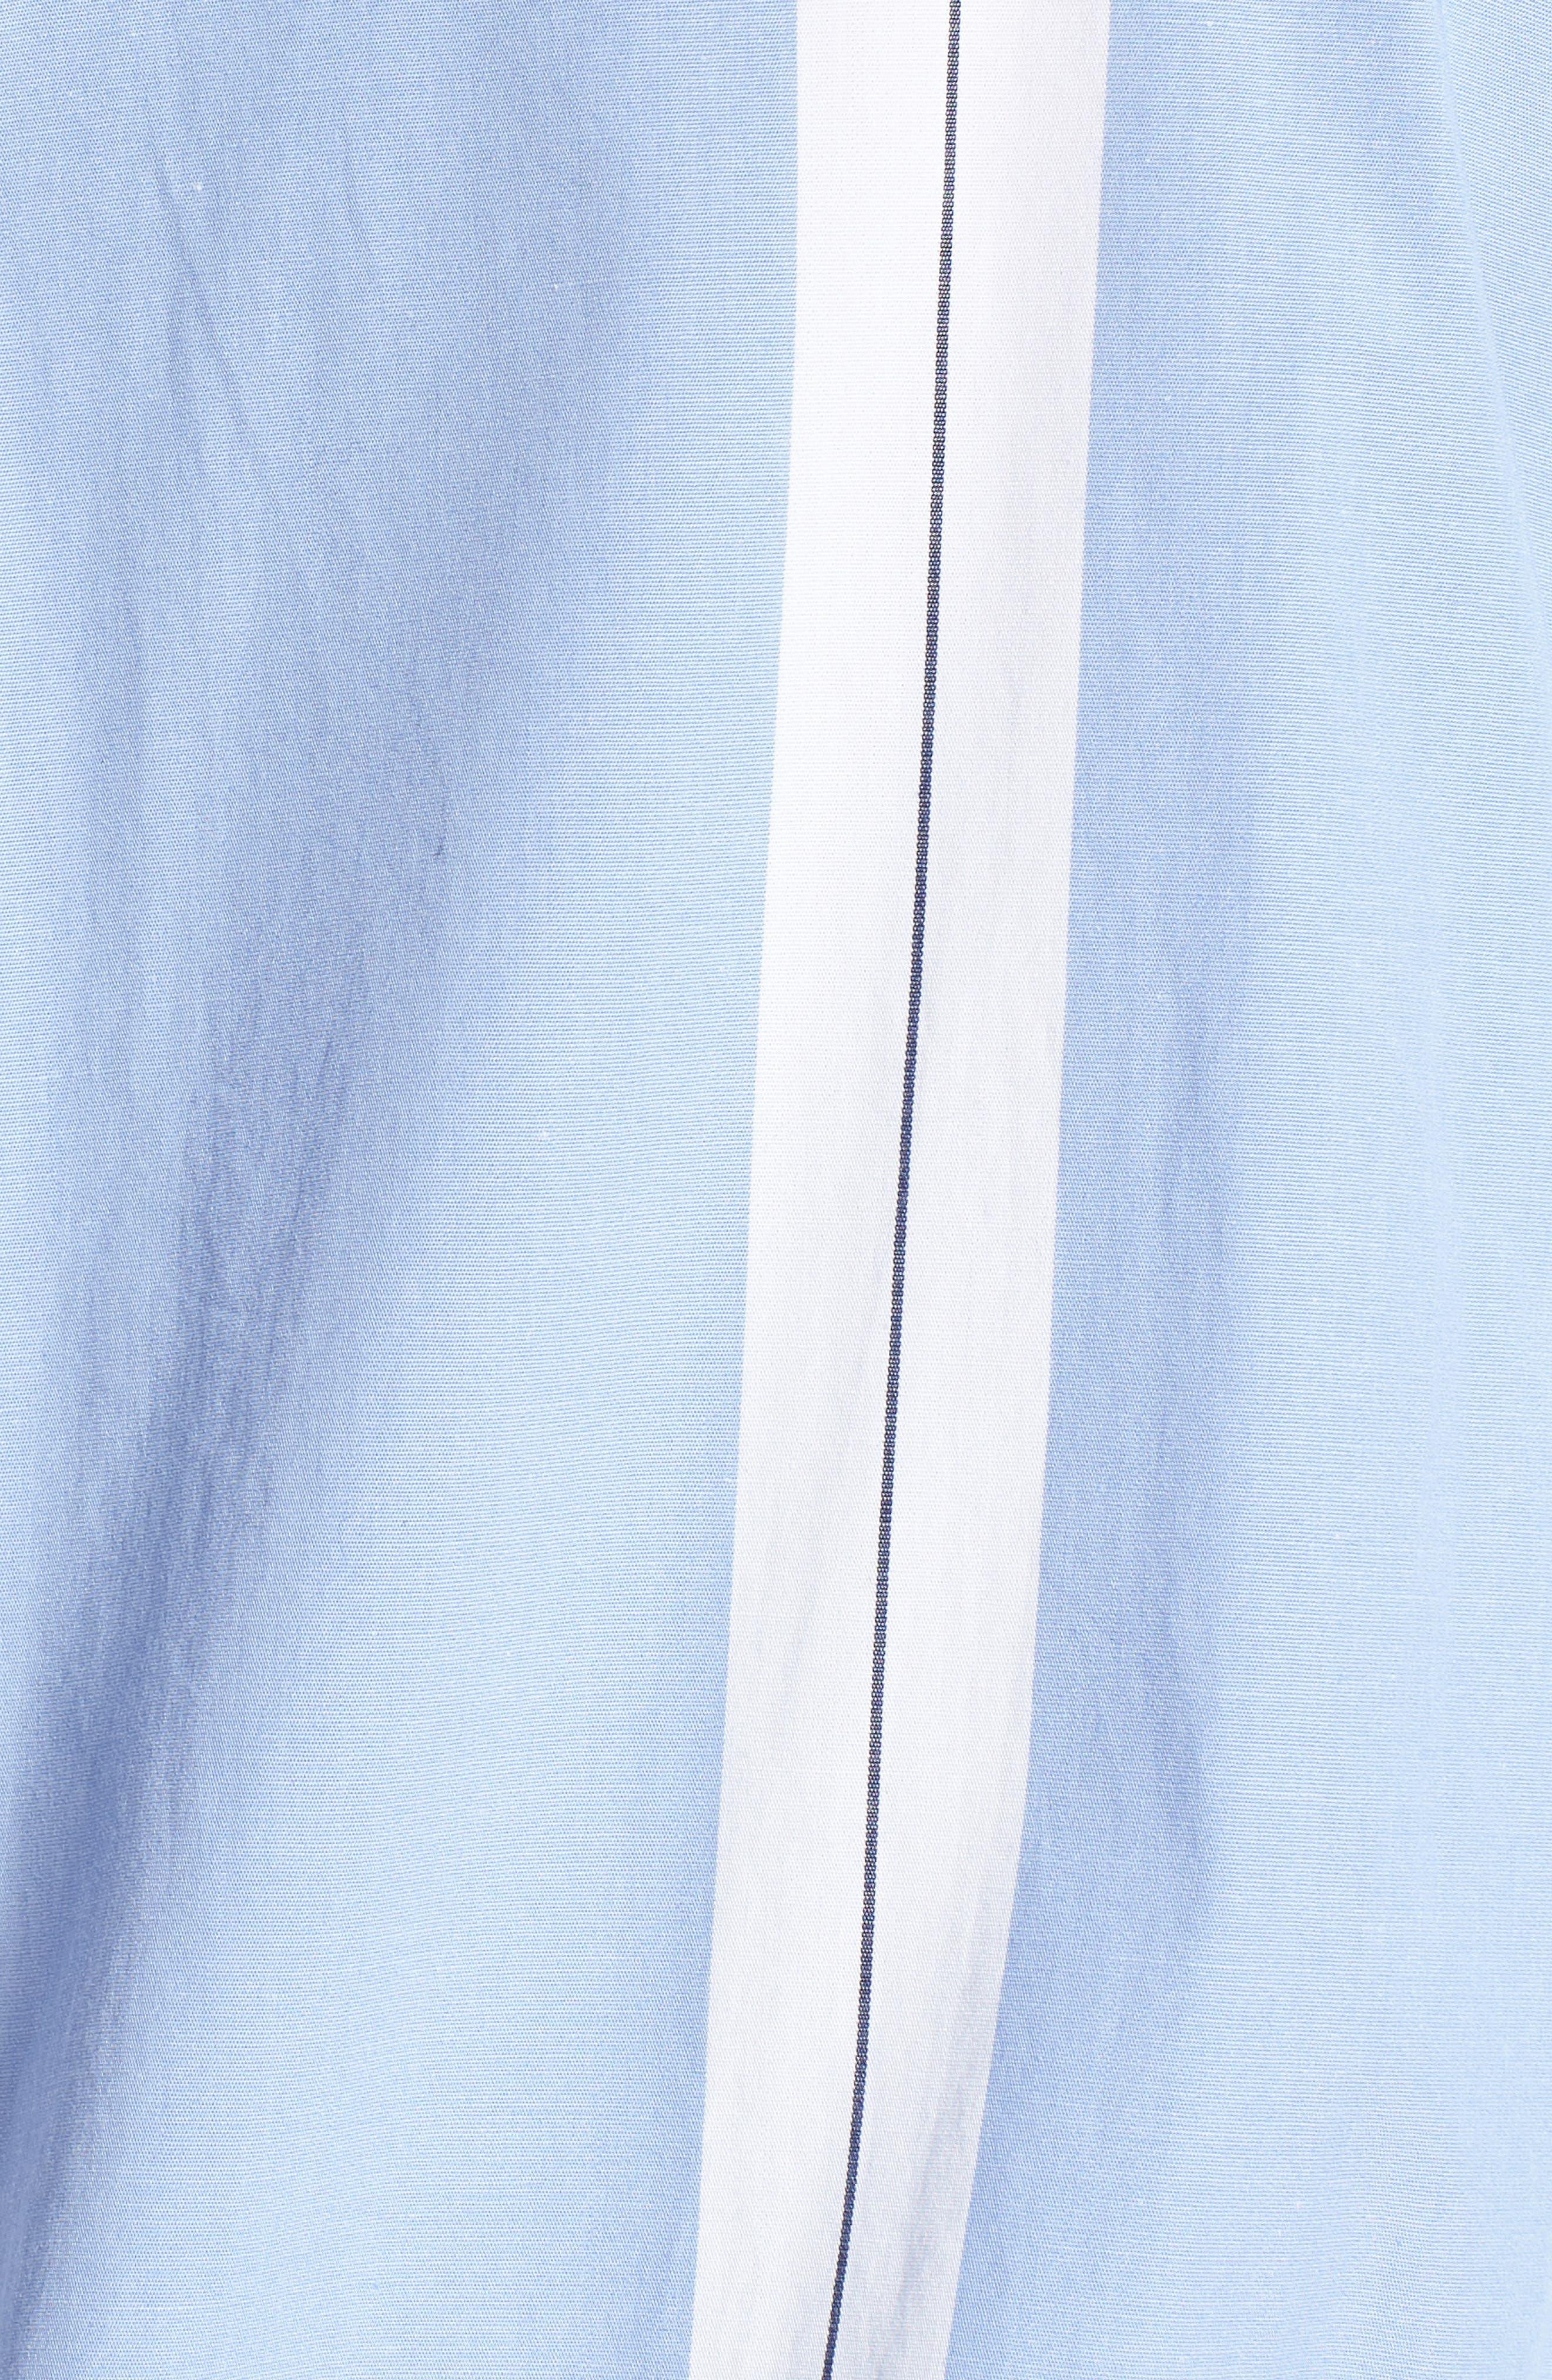 Adele Blouson Top,                             Alternate thumbnail 6, color,                             Bright White/ Cornflower Blue